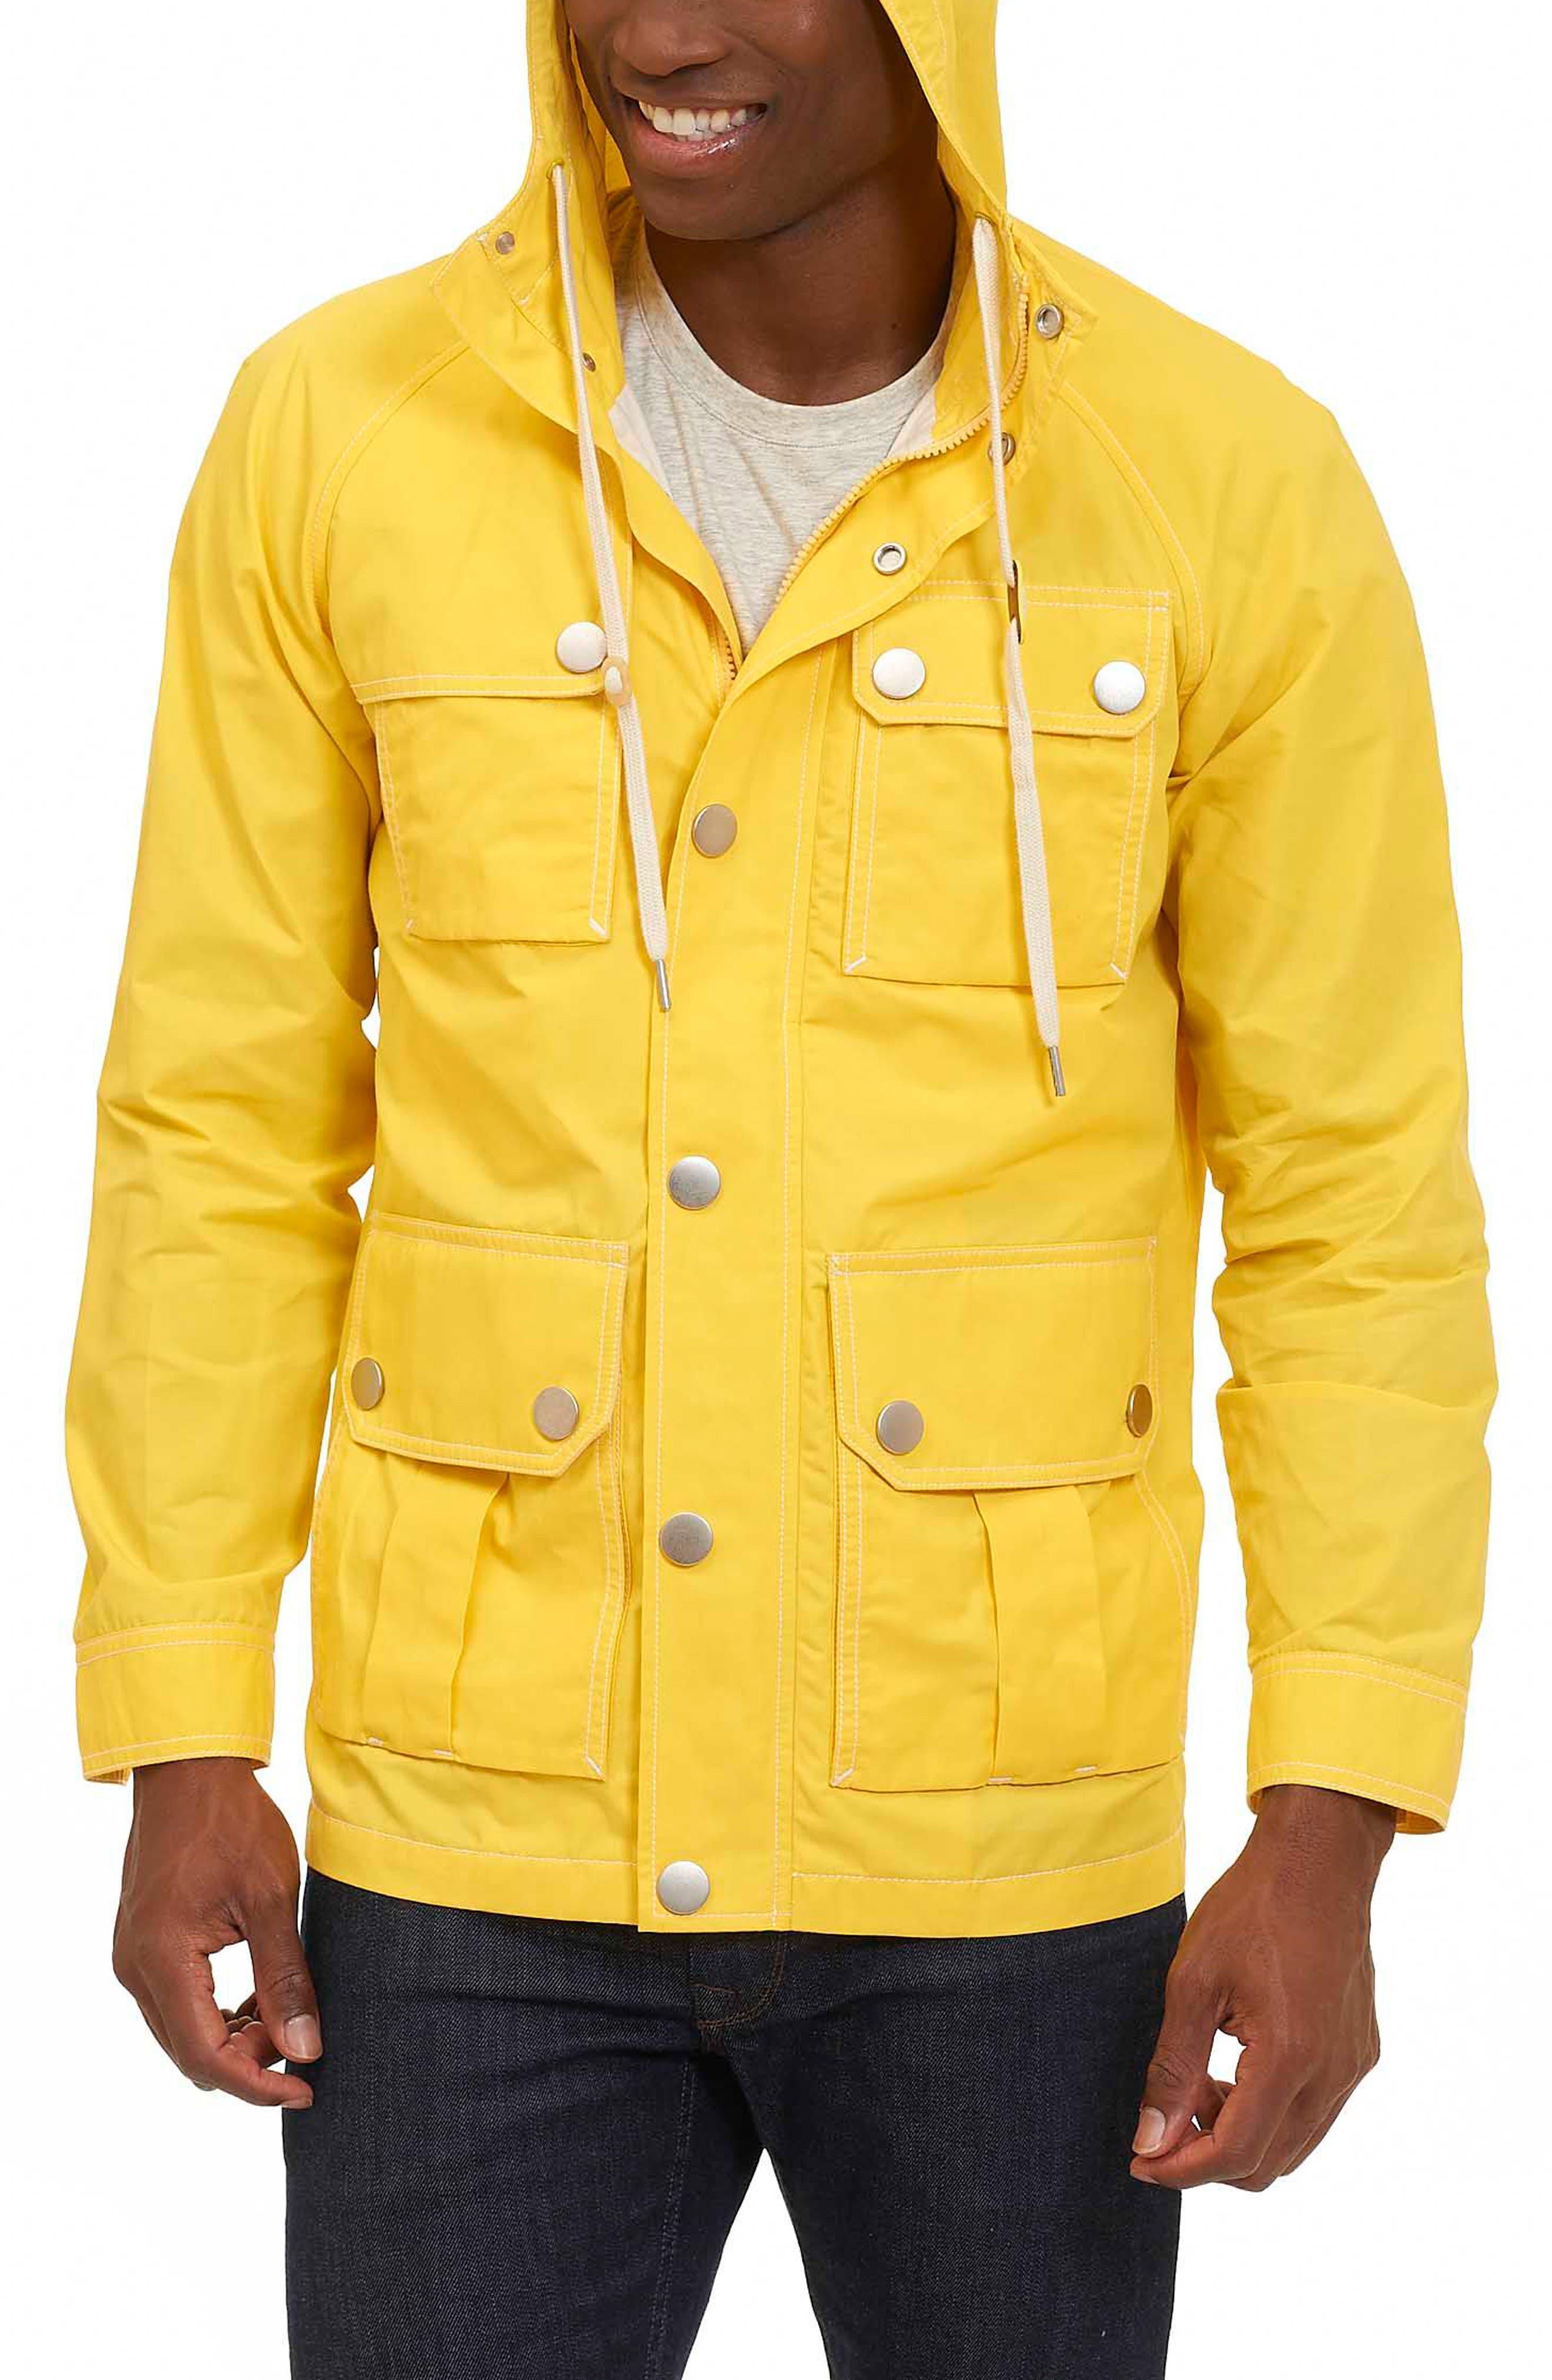 Lake Toba Water Resistant Jacket,                             Main thumbnail 1, color,                             700